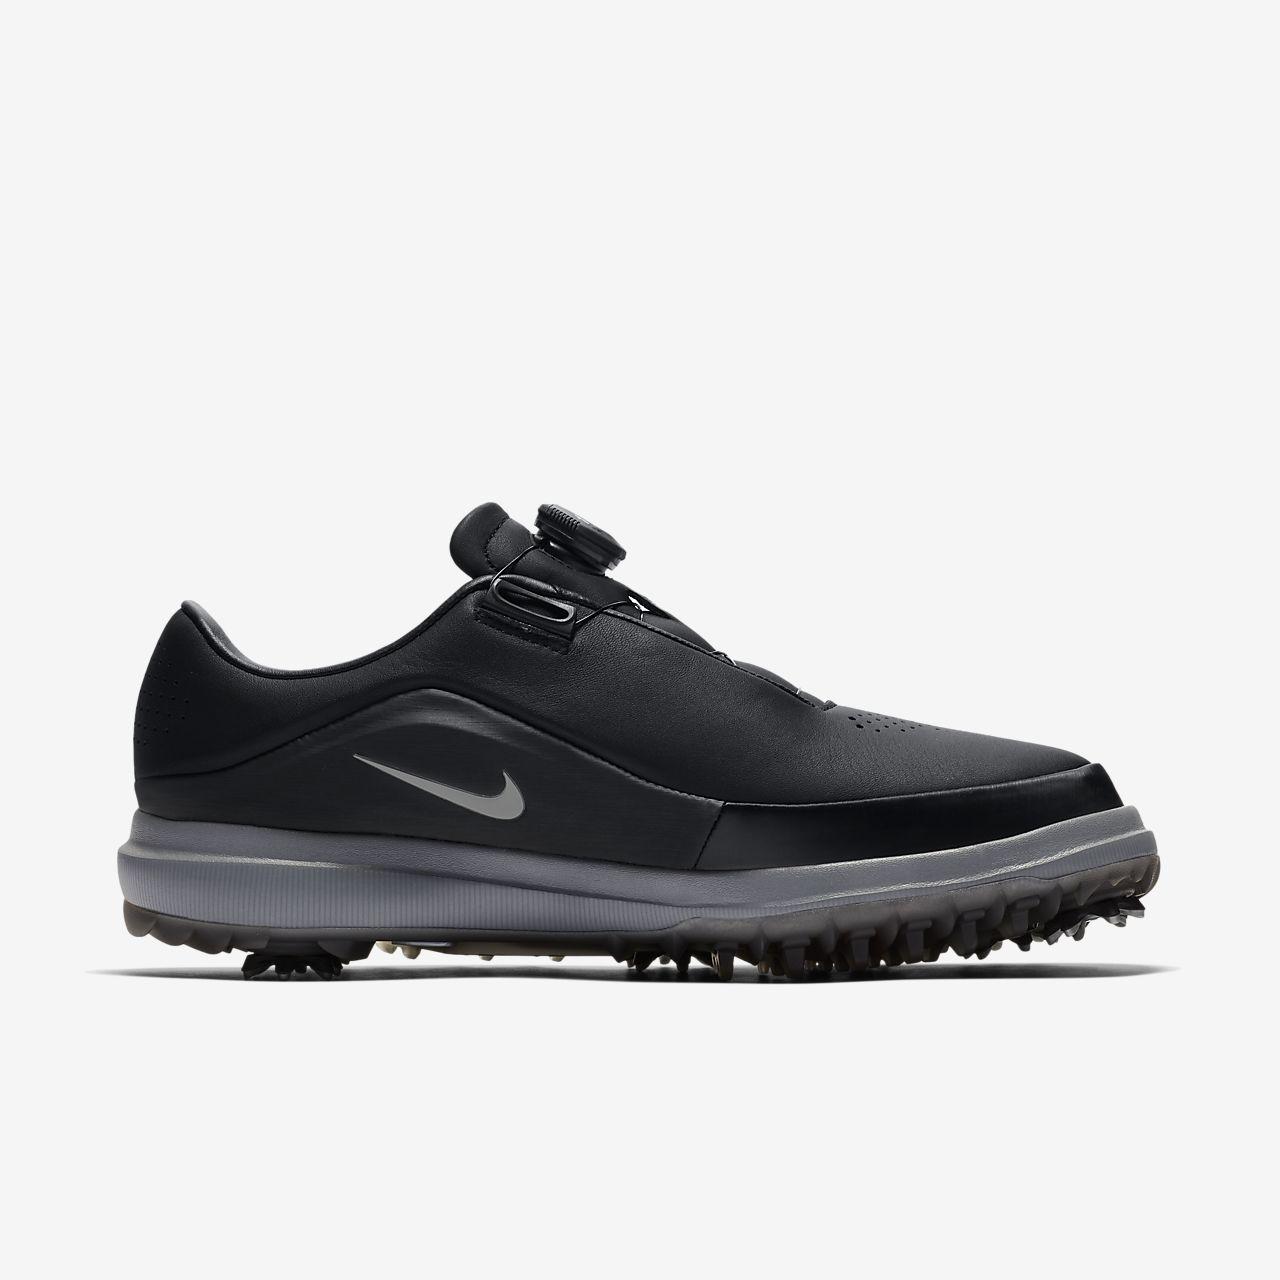 4526a1fc8f73e Nike Air Zoom Precision BOA ® Men s Golf Shoe. Nike.com GB